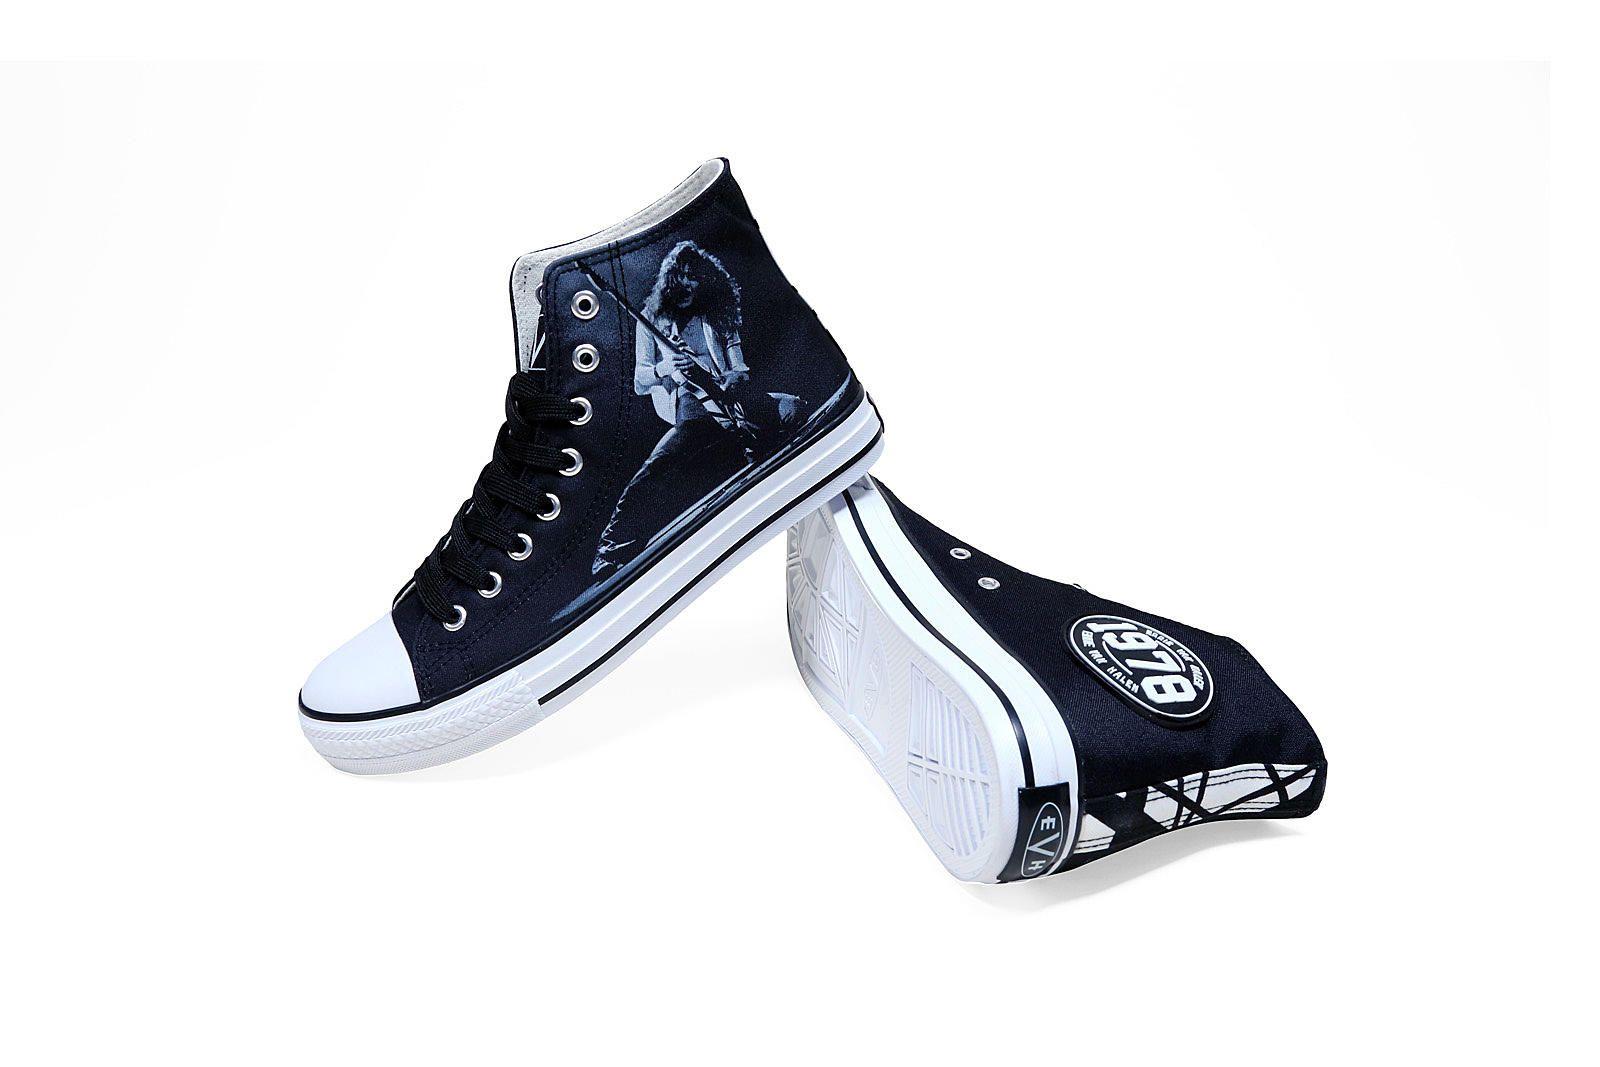 Eddie Van Halen Releases 1978 High Top Sneaker High Top Sneakers Sneakers New Sneakers